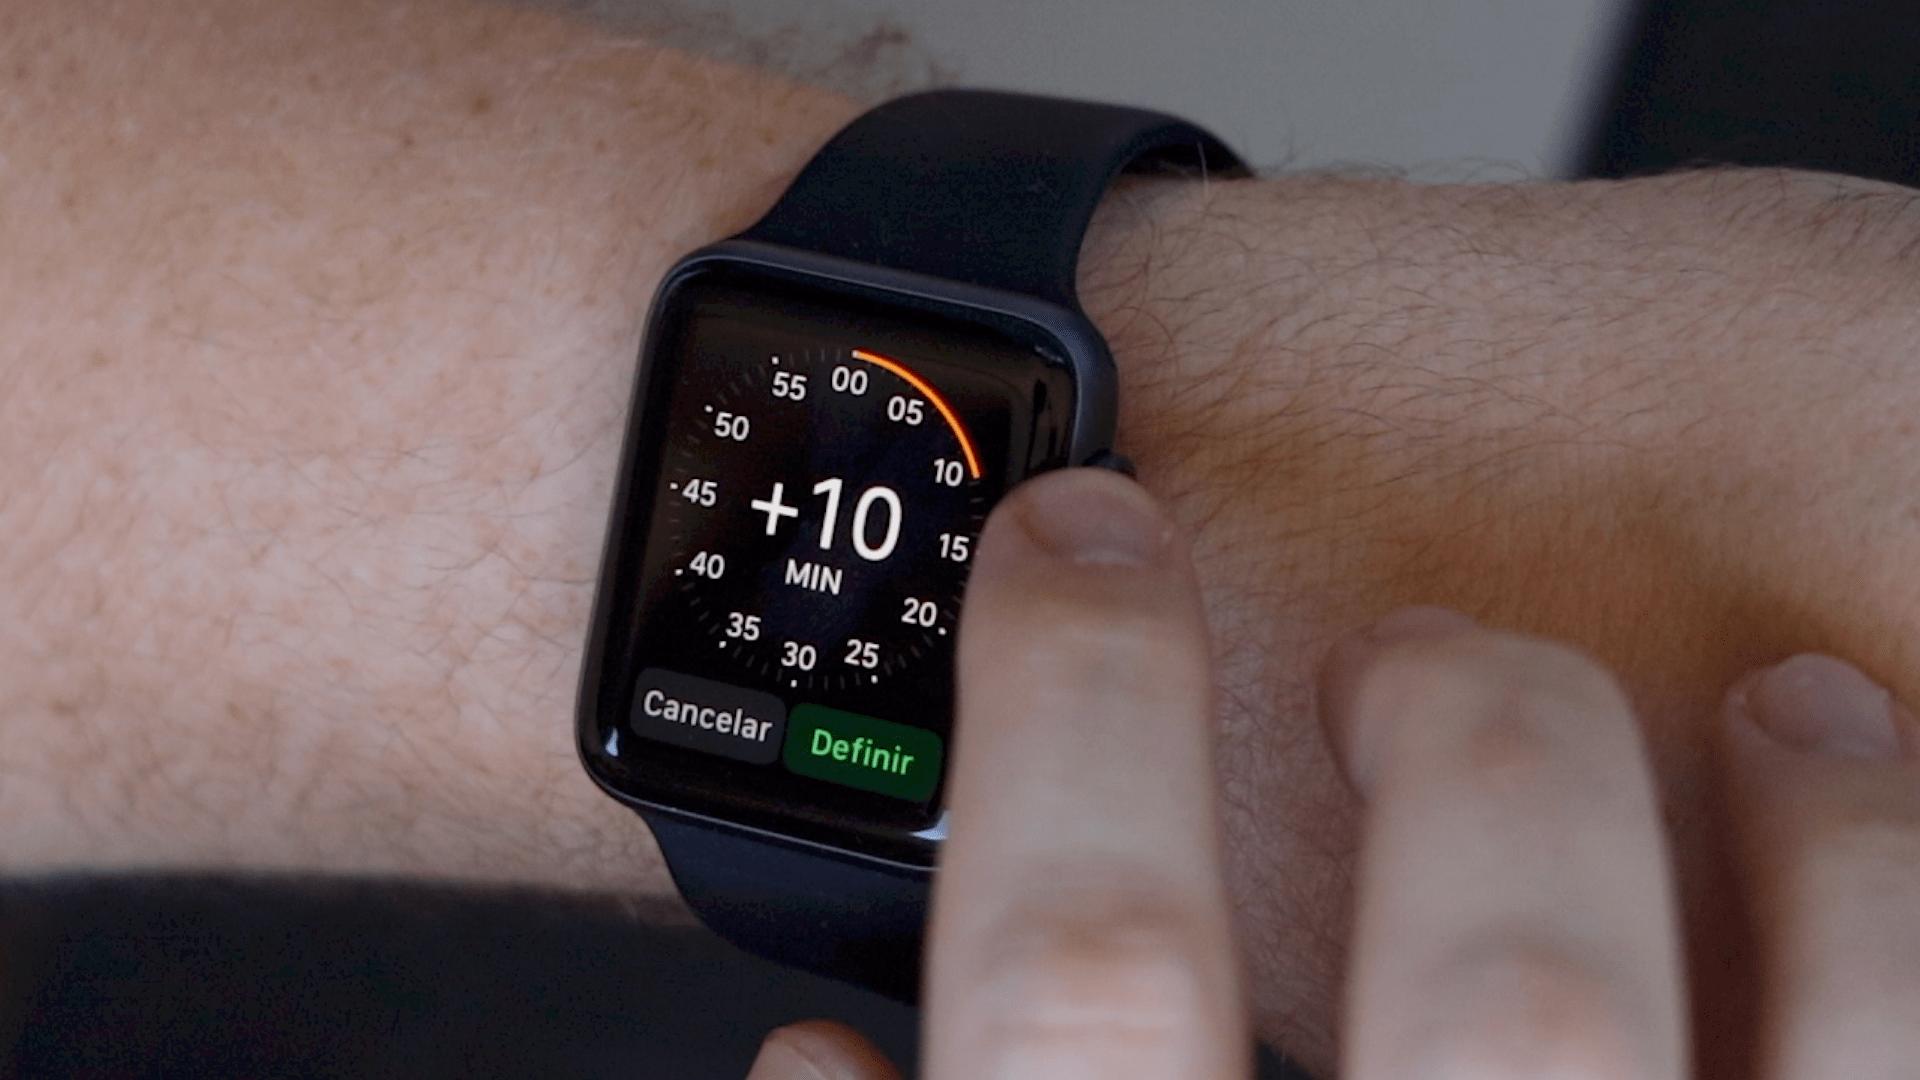 Ajuste manual de hora no Apple Watch